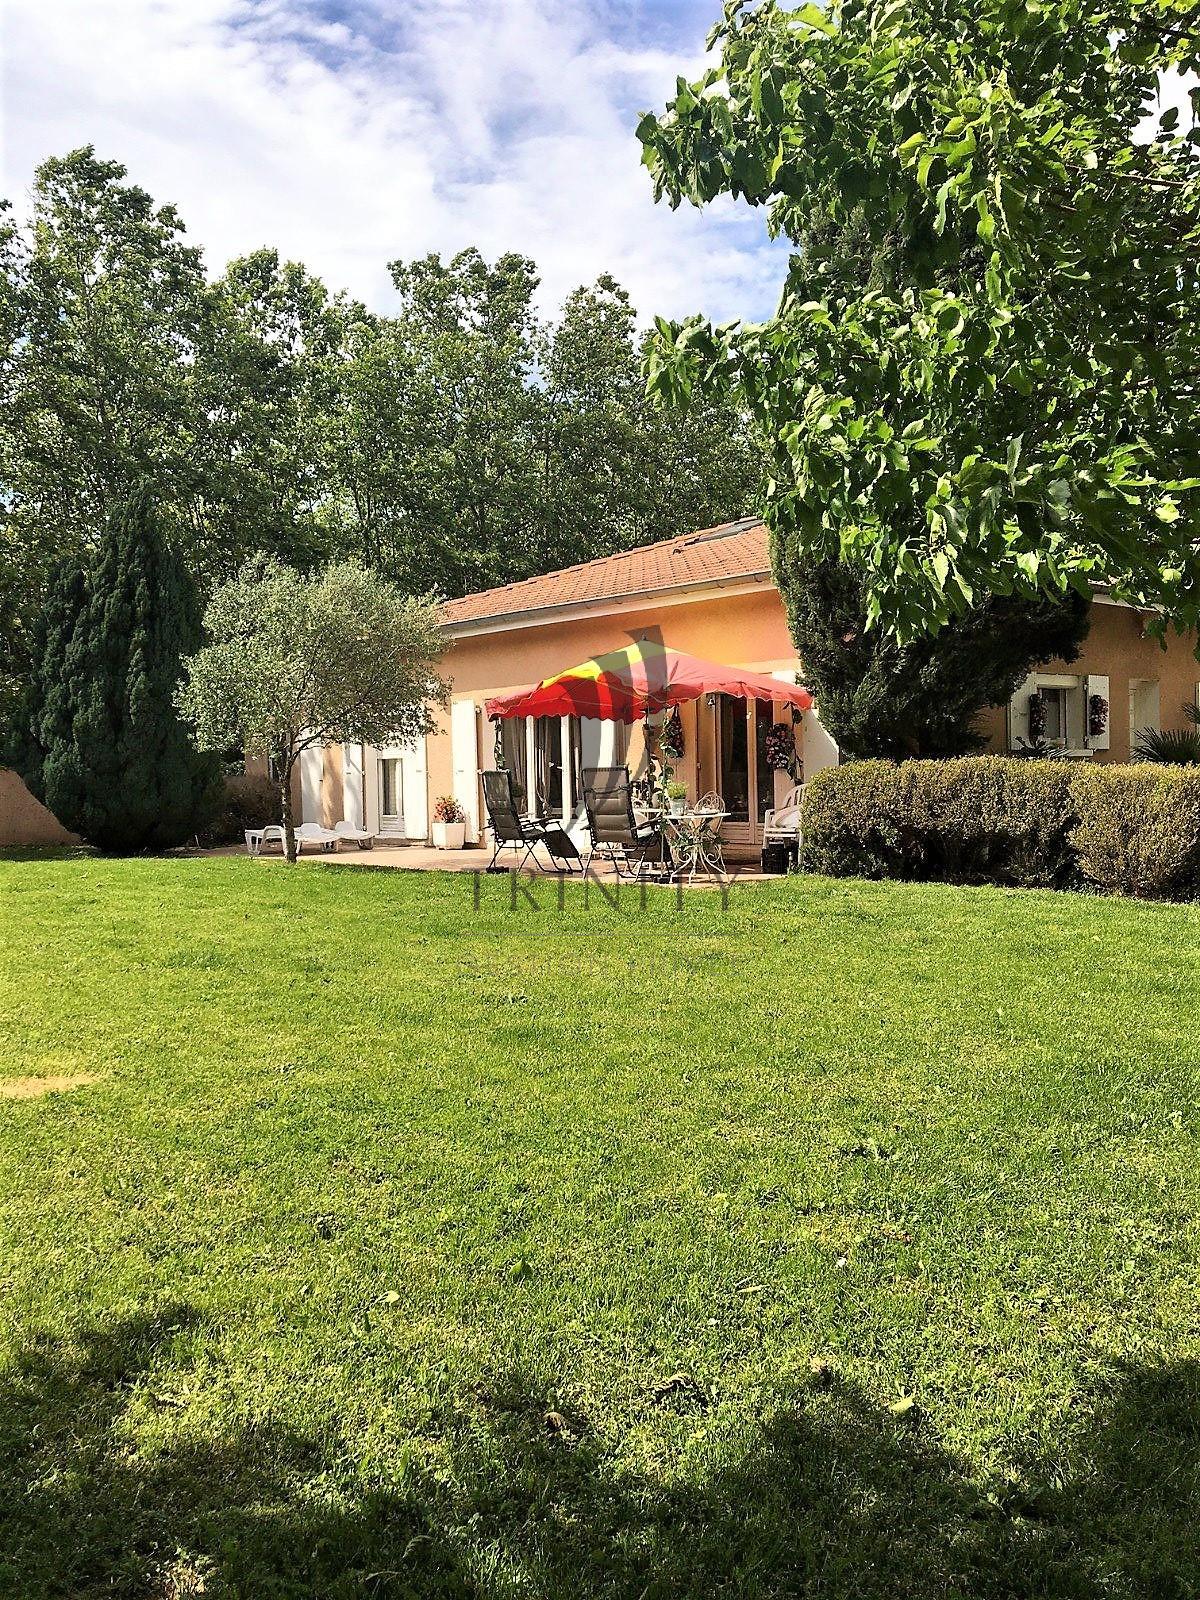 Vente Immobilier Professionnel Murs commerciaux Valence 26000